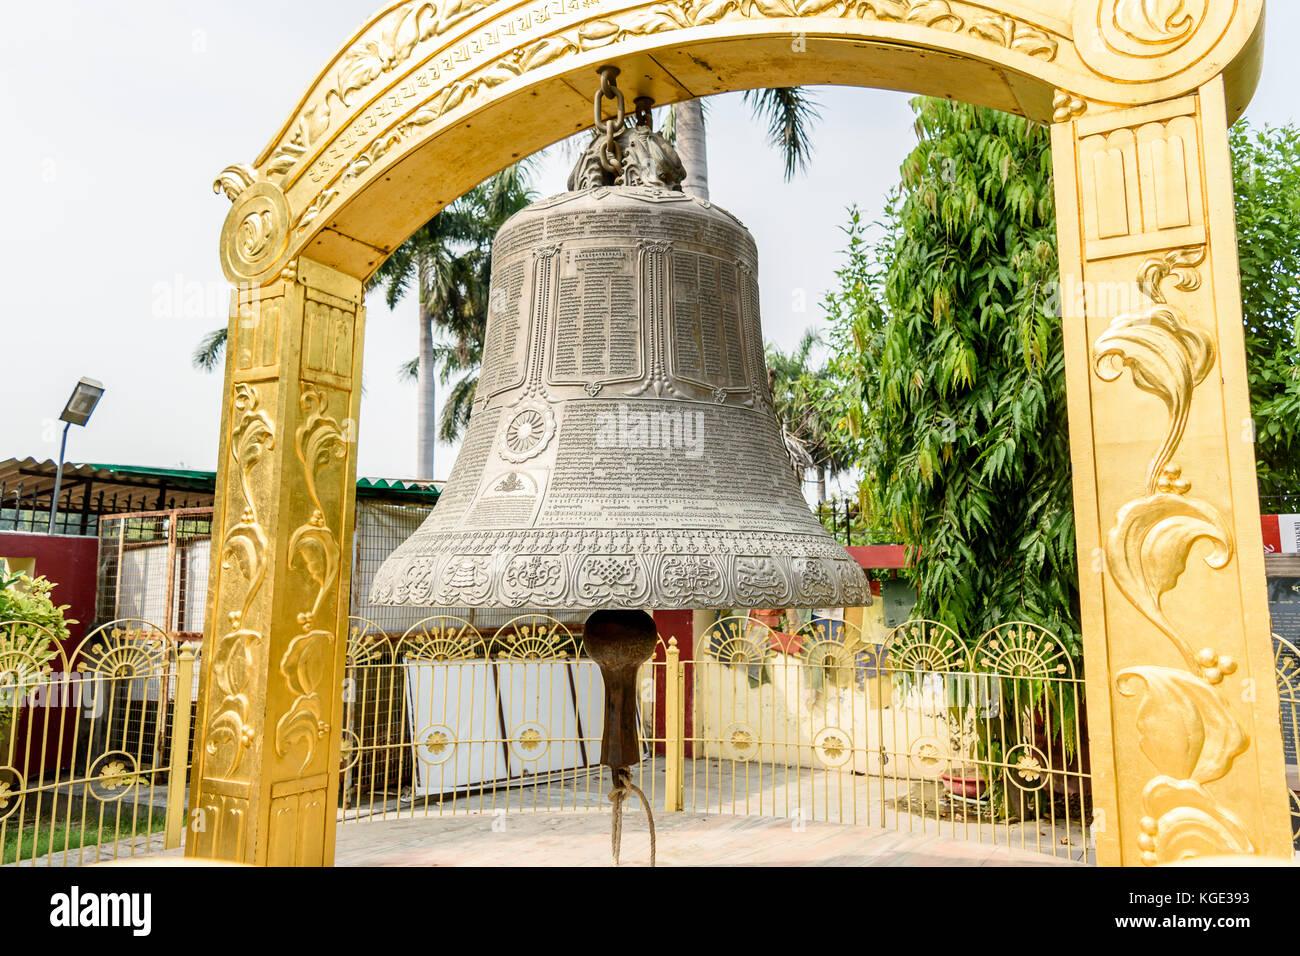 Varanasi, India. Side view of Giant bell with engraved manuscripts at the Buddhist Monastery at Mulagandhakuti vihara - Stock Image